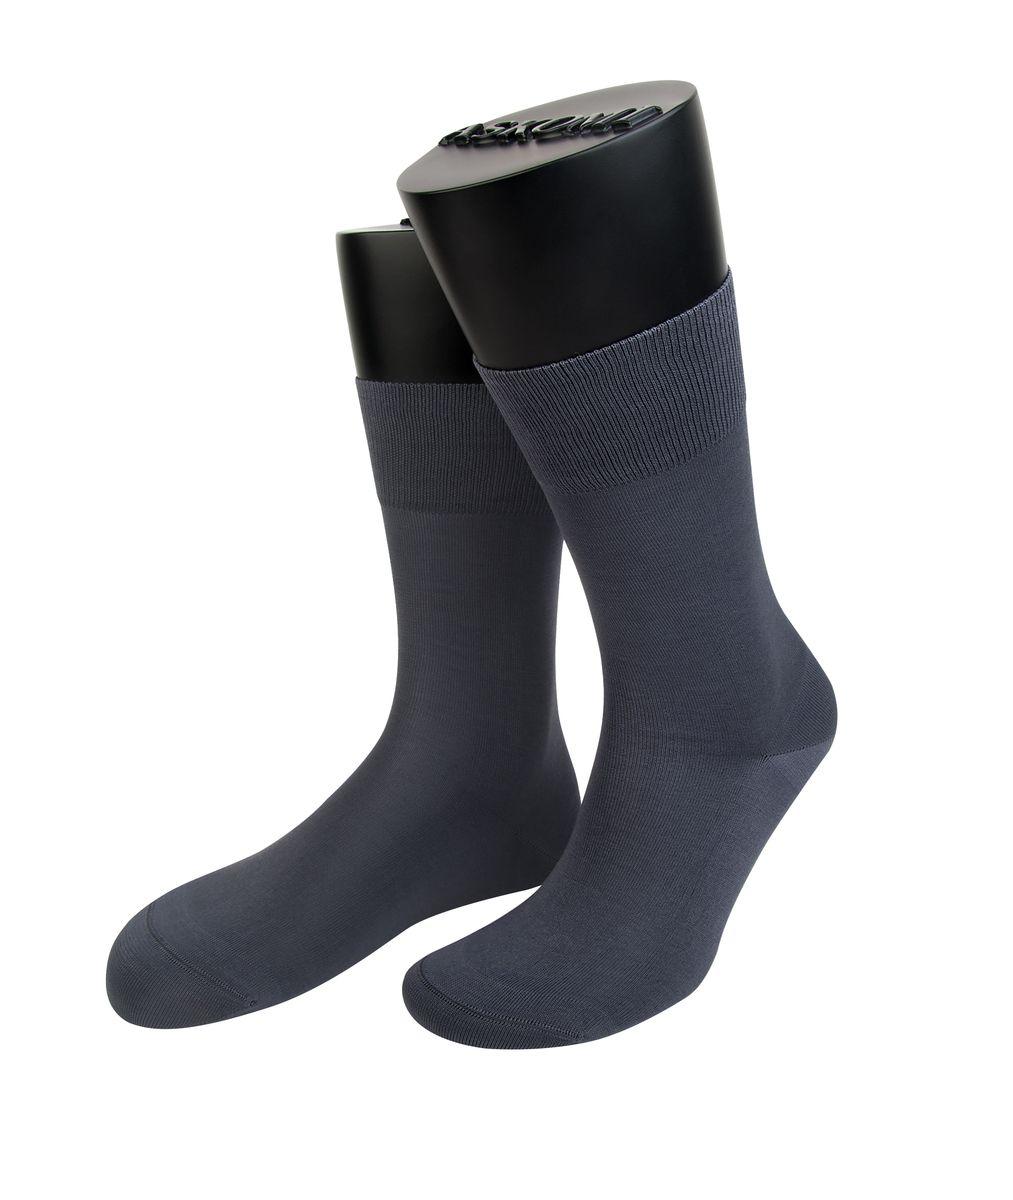 АМ-7150_8101Мужские носки Askomi Classic для повседневной носки выполнены из мерсеризованного хлопка Pima. Использована двойная плотная нить, благодаря чему носок приобретает эластичность без добавления синтетических нитей. Носок и пятка укреплены, что значительно увеличивает износостойкость носков. Двойной борт для плотной фиксации не пережимает сосуды. Кеттельный шов не ощутим для ноги.